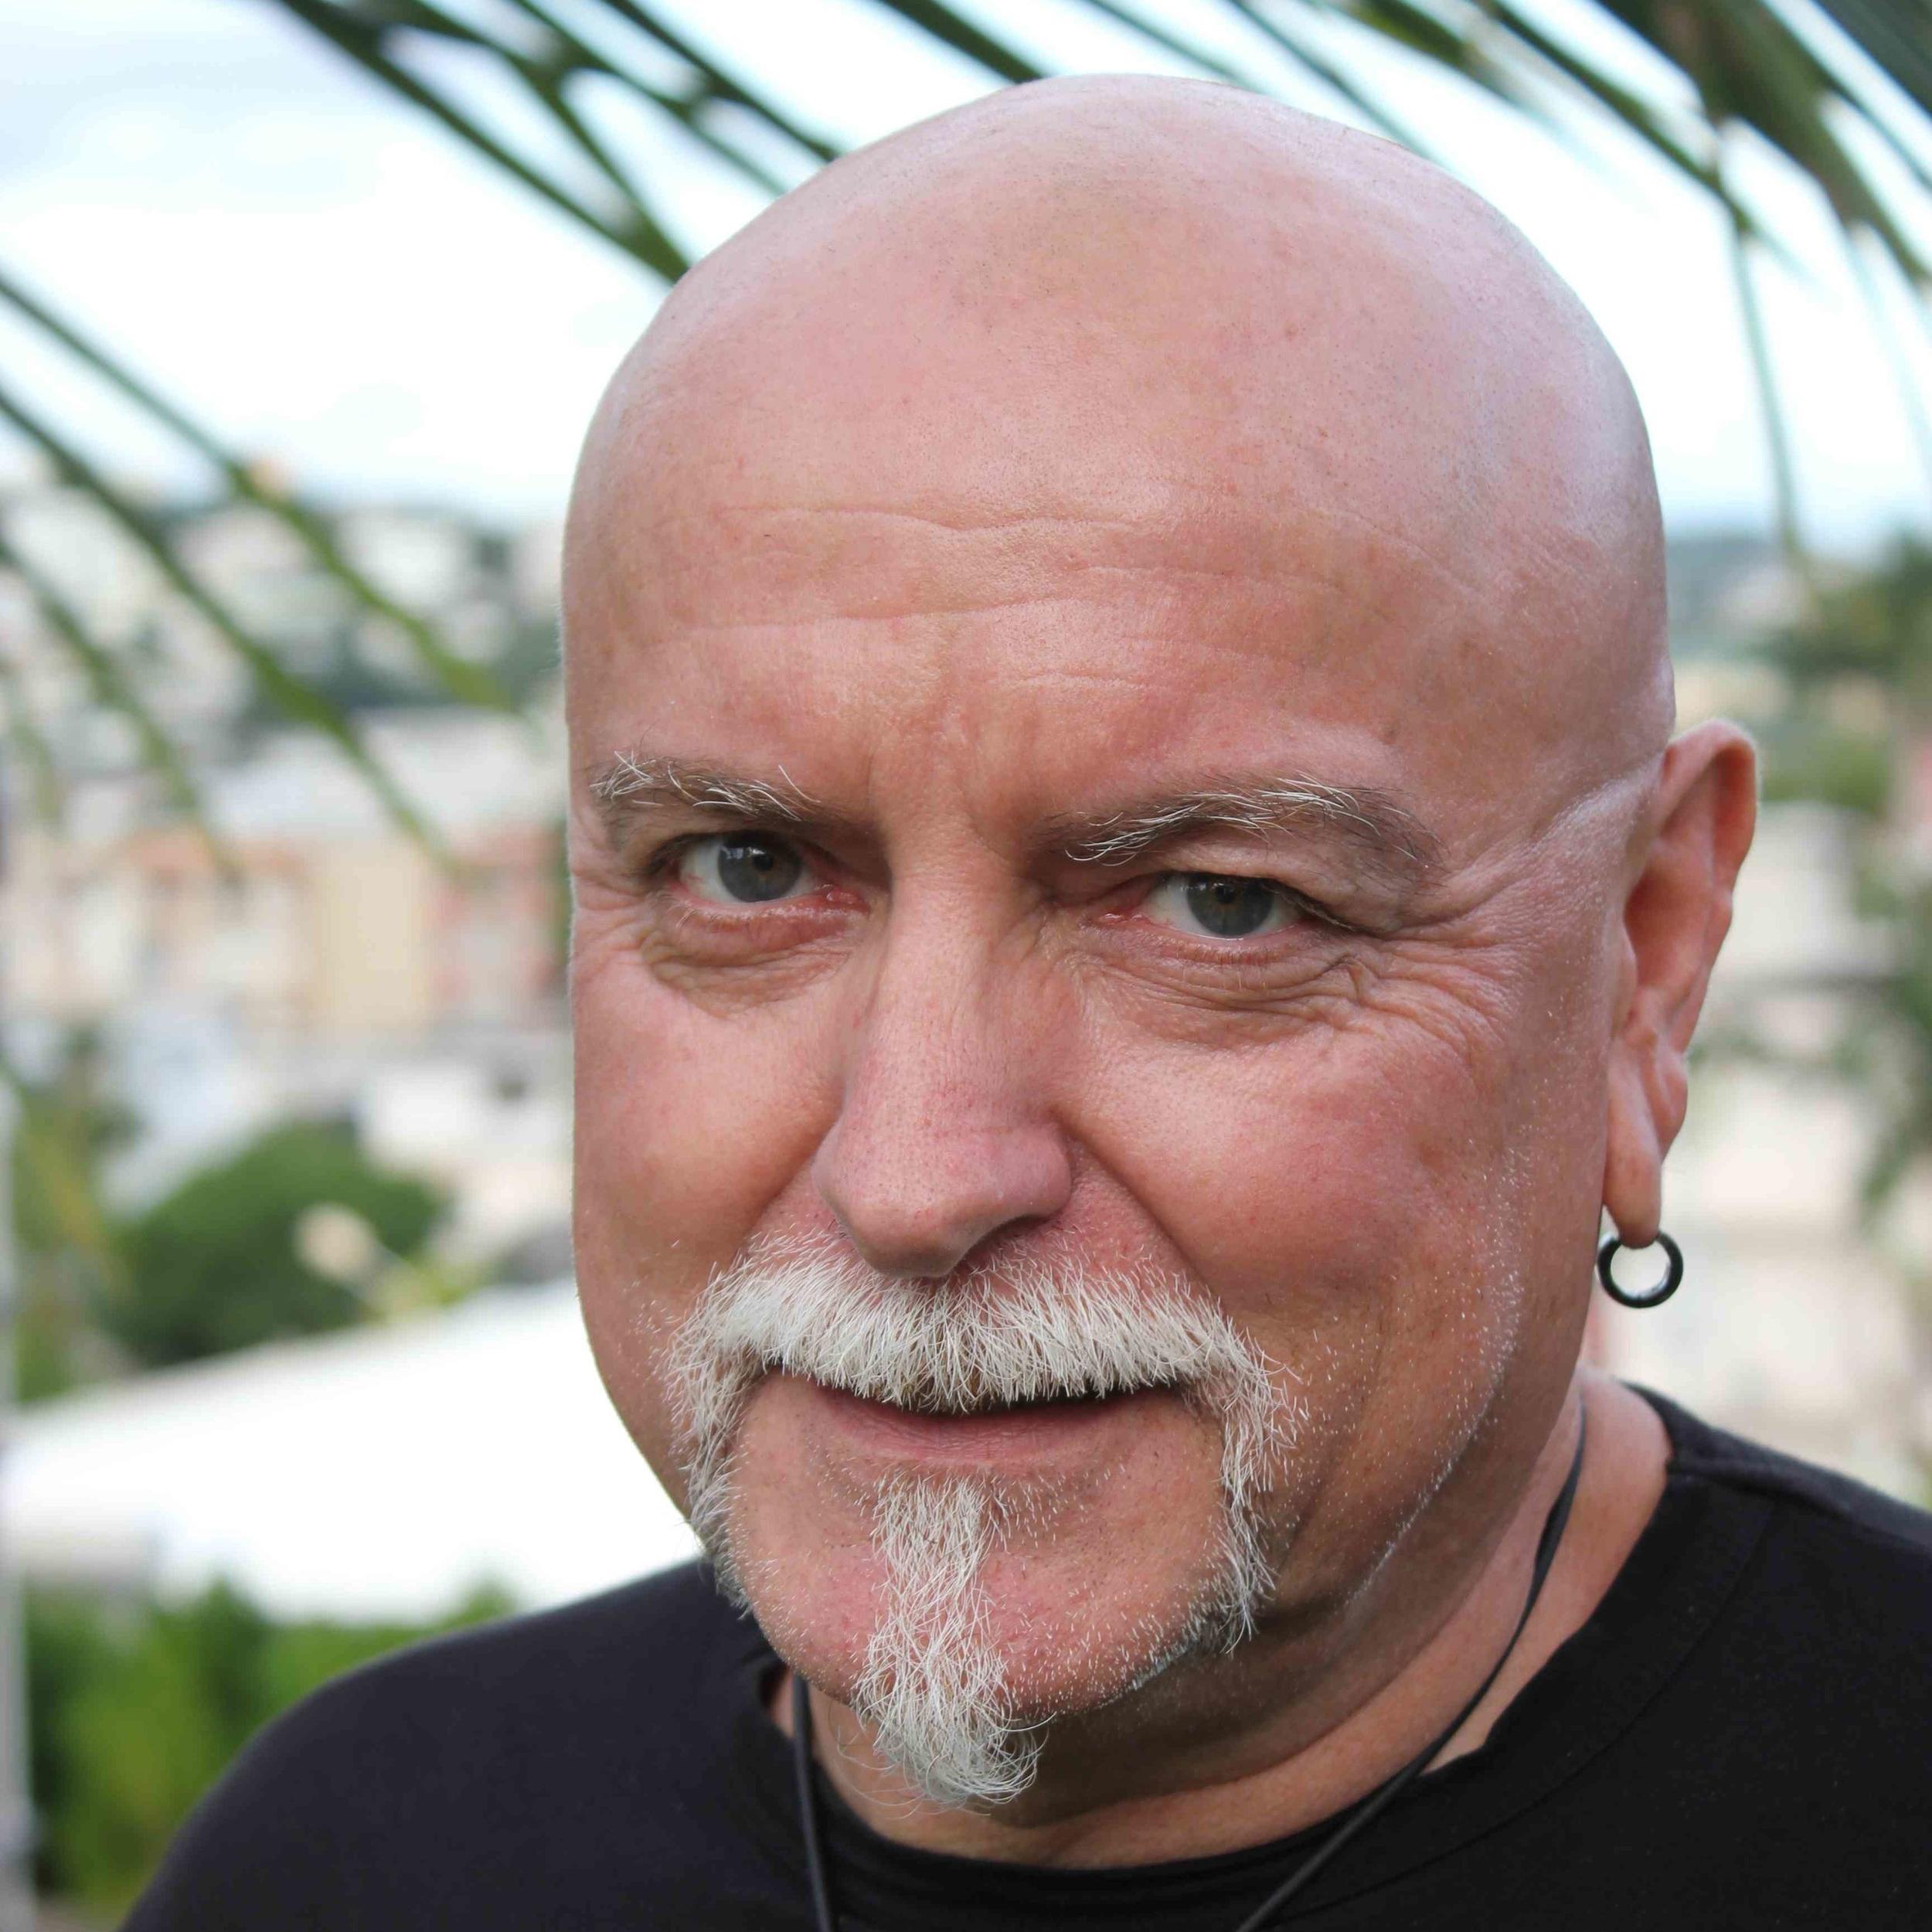 Fabrice Ballay   Né en 1960 à Dijon, Fabrice Ballay réside depuis les années 80 à Nouméa.  Autodidacte, il aborde au début de sa carrière les techniques liées à l'aérographie et se spécialise dans l'hyper-réalisme. Ses rencontres artistiques en Nouvelle-Calédonie lui ont permis d'aborder l'art contemporain par le biais de la sculpture et l'abstraction. Son métier de publicitaire lui a permis d'aborder l'utilisation de divers matériaux tels que résine, PVC, bois et métaux. Il utilise maintenant des bois locaux, du métal de récupération, avec lesquels il réalise des sculptures métissant ses codes occidentaux aux cultures océaniennes. Son style graphique le conduit à détourner des outils tel que pelles de chantier, pièces d'engins miniers et divers ouillage industriels  Il réalise des sculptures de tailles variables, du monumental à l'amulette portative. Il reste néanmoins attaché à la pratique du dessin traditionnel, l'infographie, l'aquarelle et le graff sur mur.  Il est également intervenant culturel auprès de publics en formation professionnelle, hors milieu scolaire.